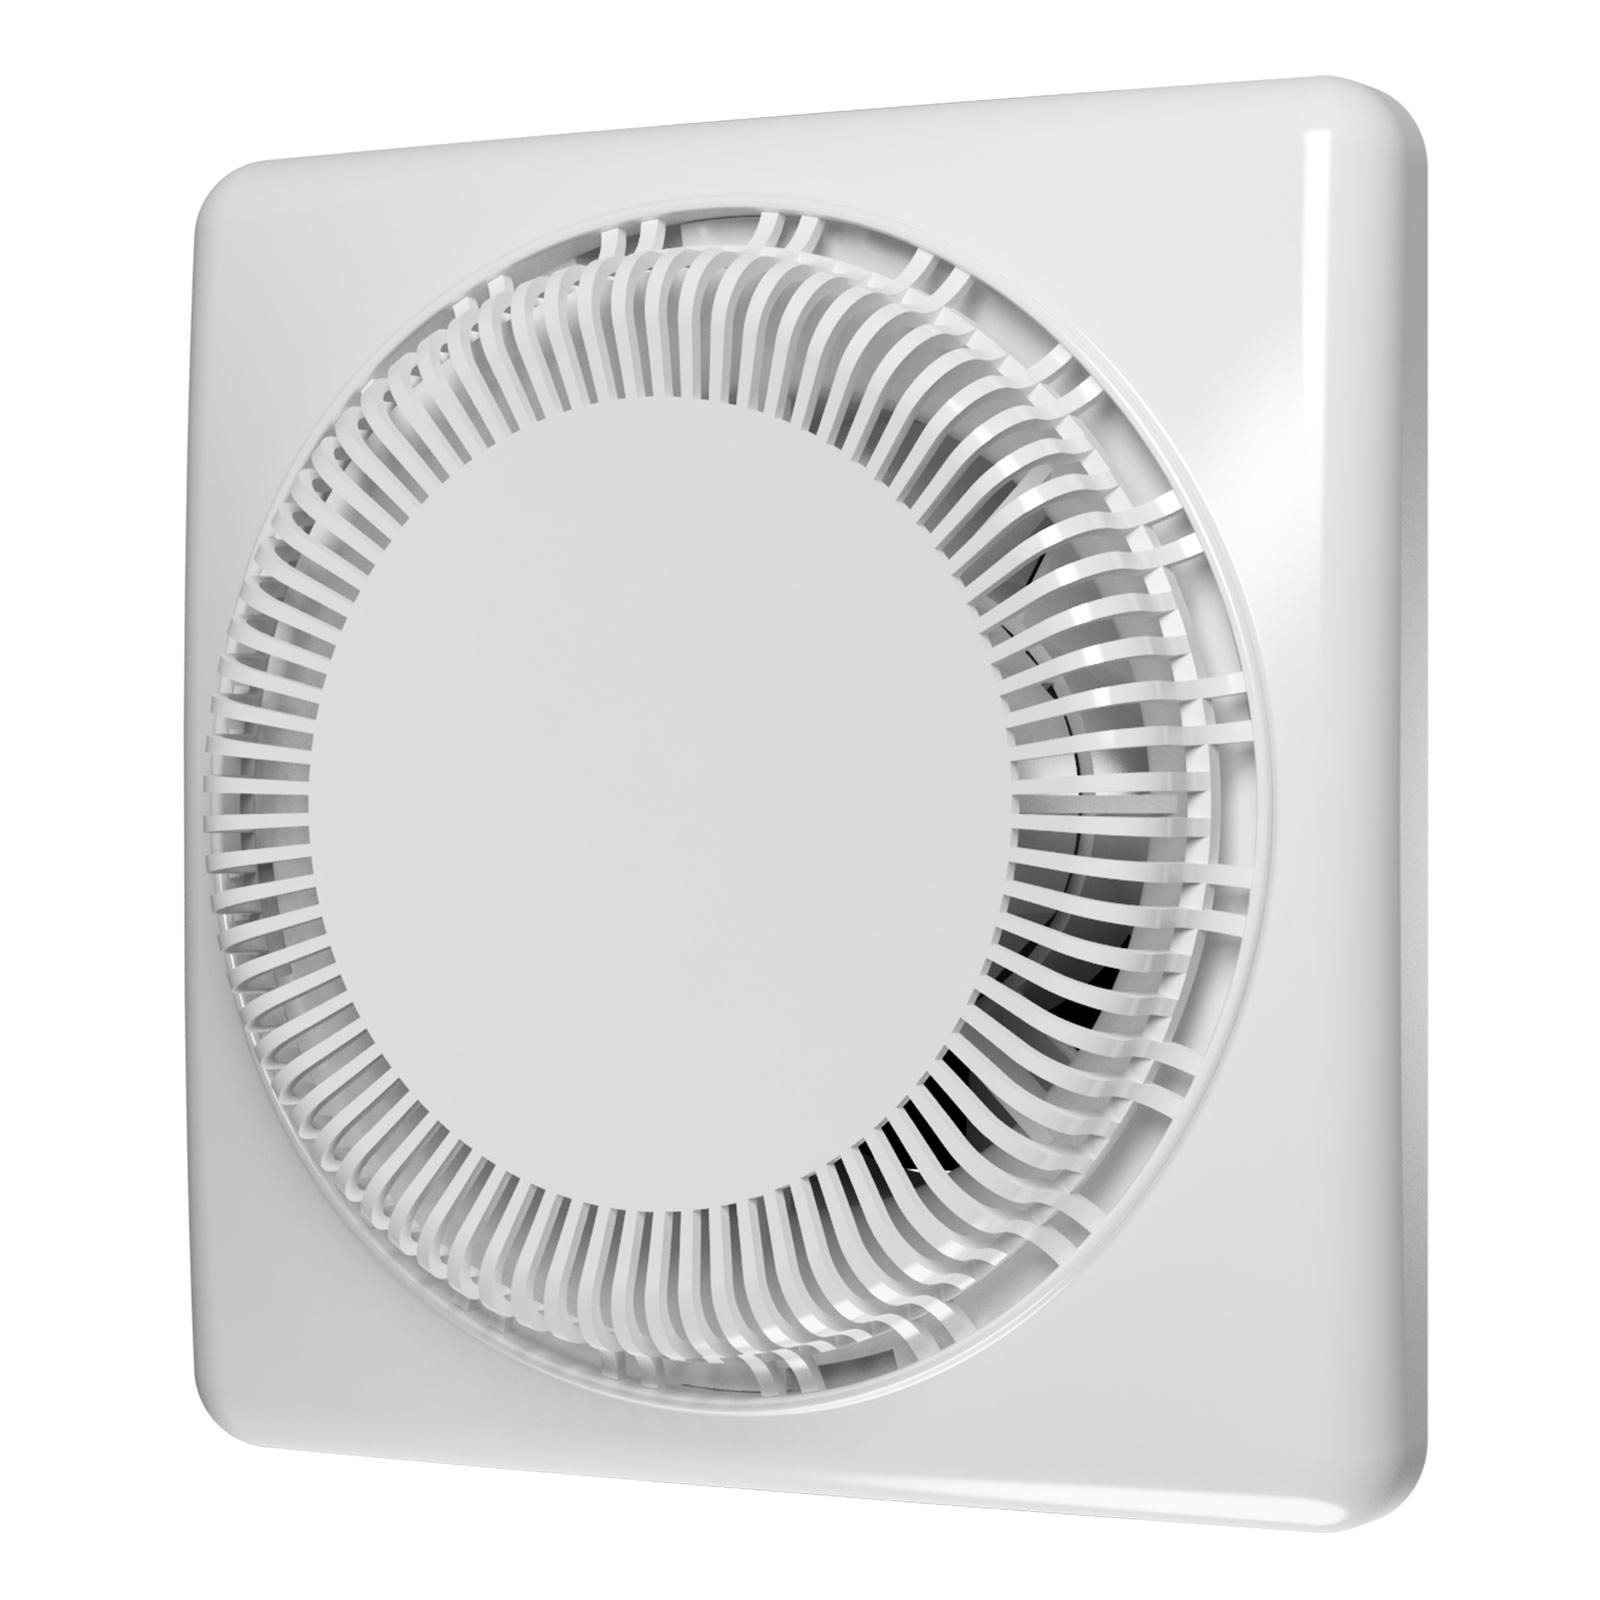 Вентилятор Era Disc 5c